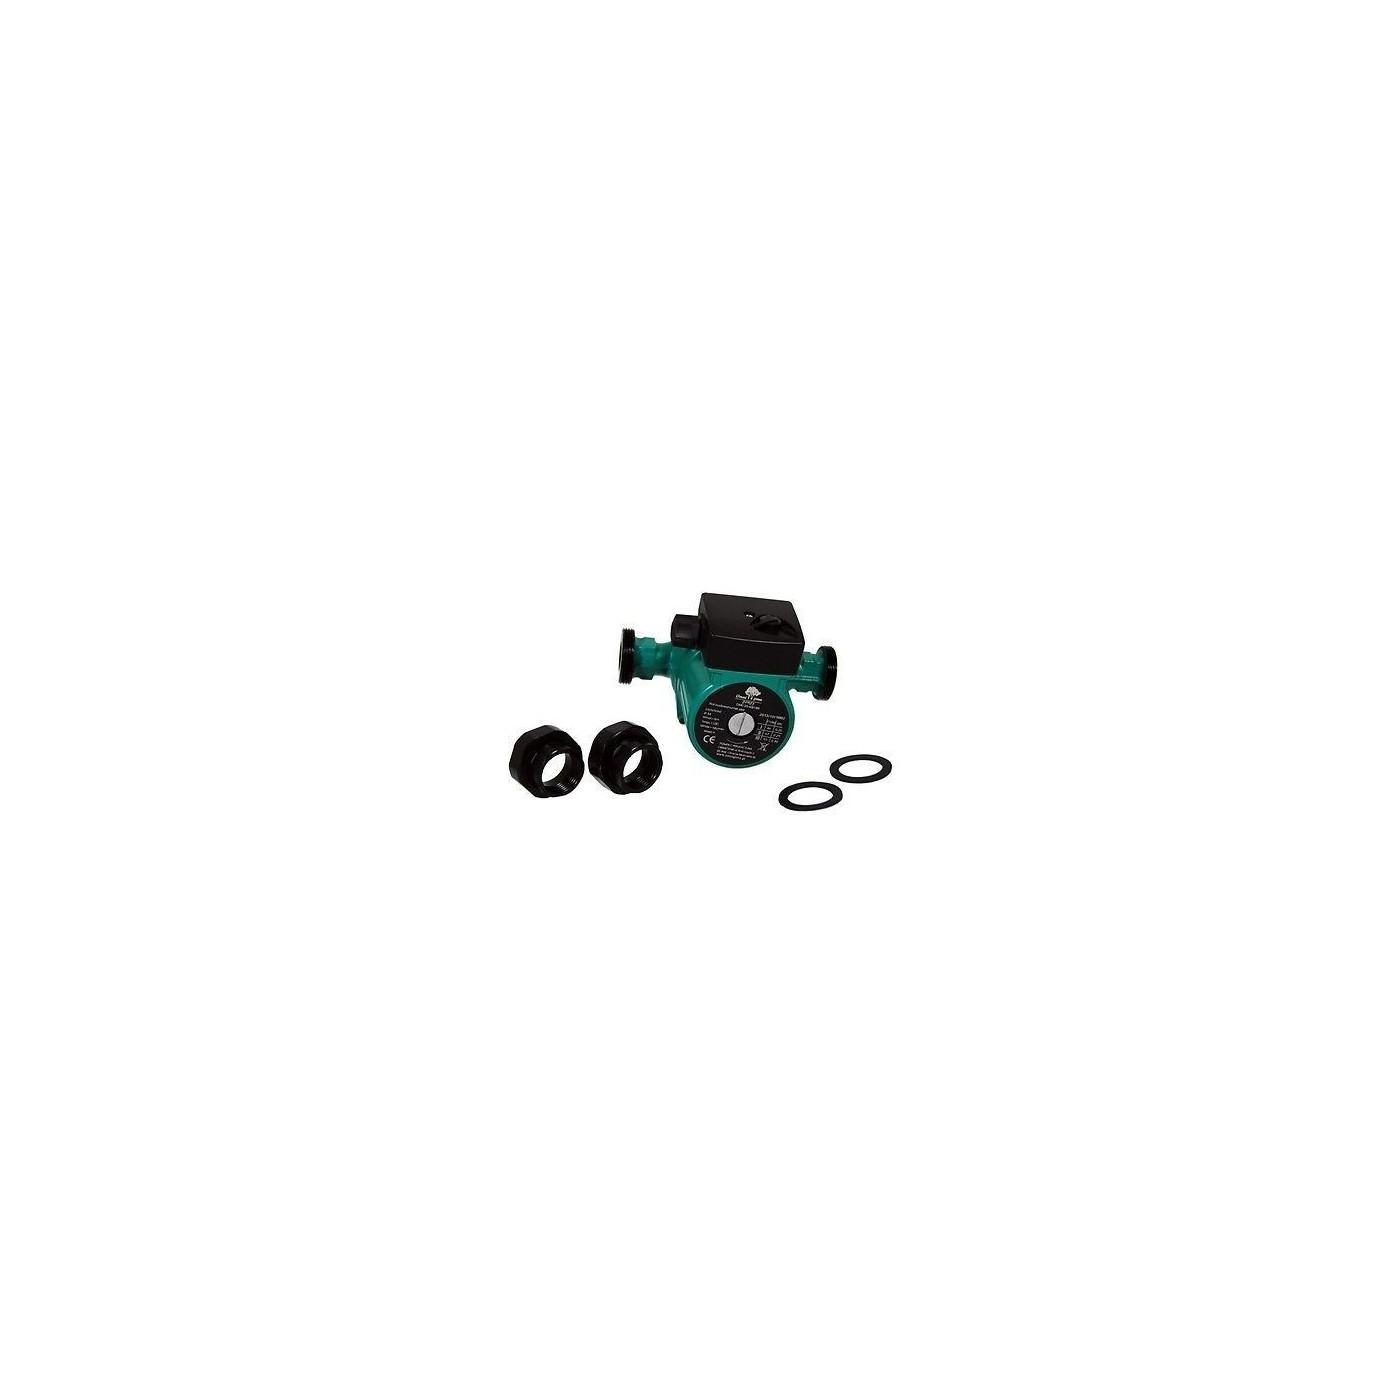 Umwälzpumpe 25-40 130 230V Heizungspumpe mit Verschraubungen